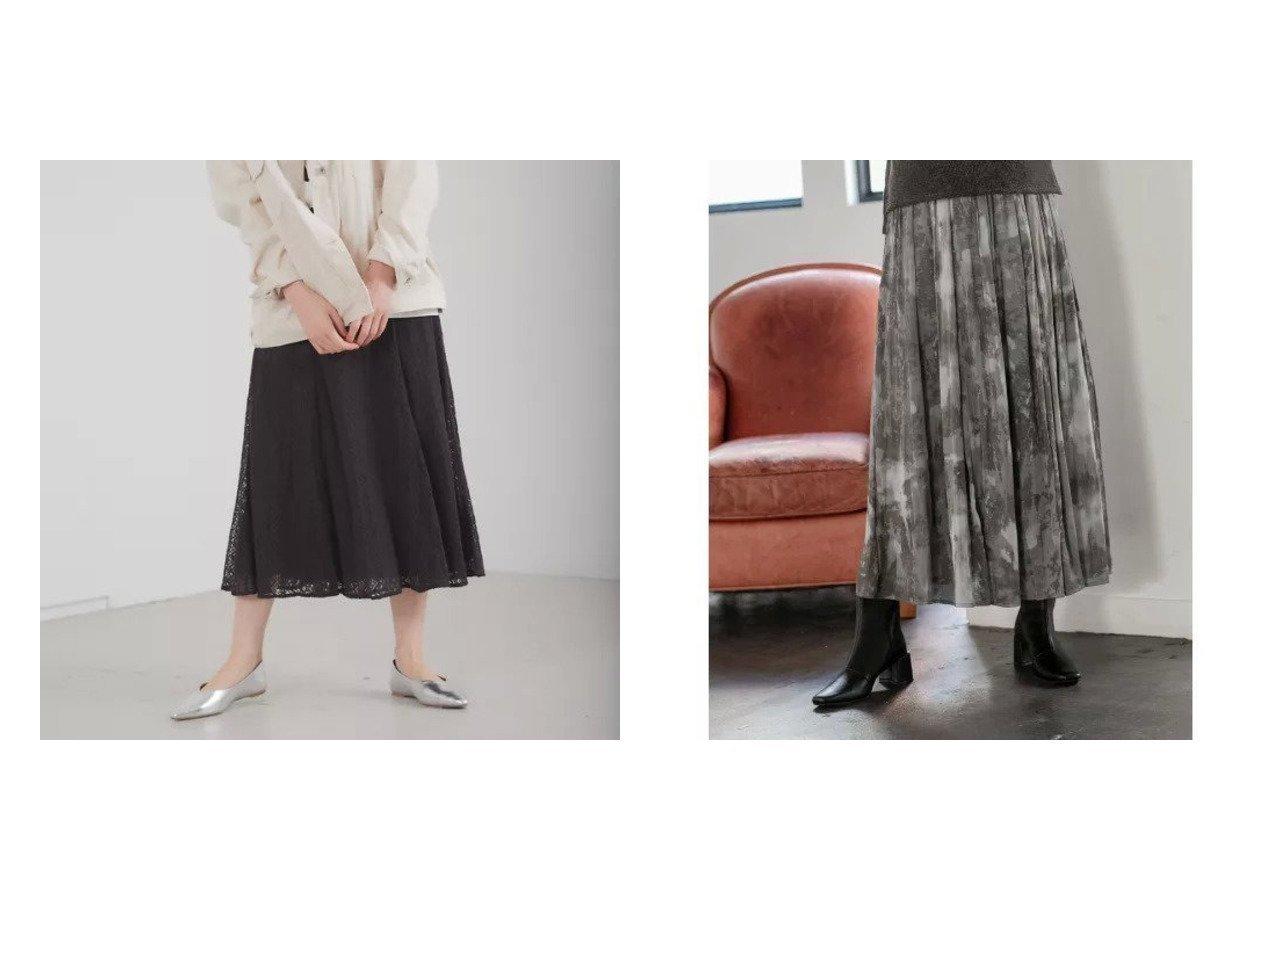 【STYLE DELI/スタイルデリ】の【LUXE】ぼかし柄サテンギャザースカート&【abahouse mavie/アバハウスマヴィ】のecru レースマーメイドスカート スカートのおすすめ!人気、トレンド・レディースファッションの通販 おすすめで人気の流行・トレンド、ファッションの通販商品 メンズファッション・キッズファッション・インテリア・家具・レディースファッション・服の通販 founy(ファニー) https://founy.com/ ファッション Fashion レディースファッション WOMEN スカート Skirt ストライプ マキシ マーメイド レース ロング エレガント オレンジ くるぶし ギャザー グラデーション サテン スニーカー タイツ ドレープ なめらか パターン フォルム フラット フリル フレア ペチコート ポケット 防寒 ミックス レギンス 冬 Winter |ID:crp329100000014450